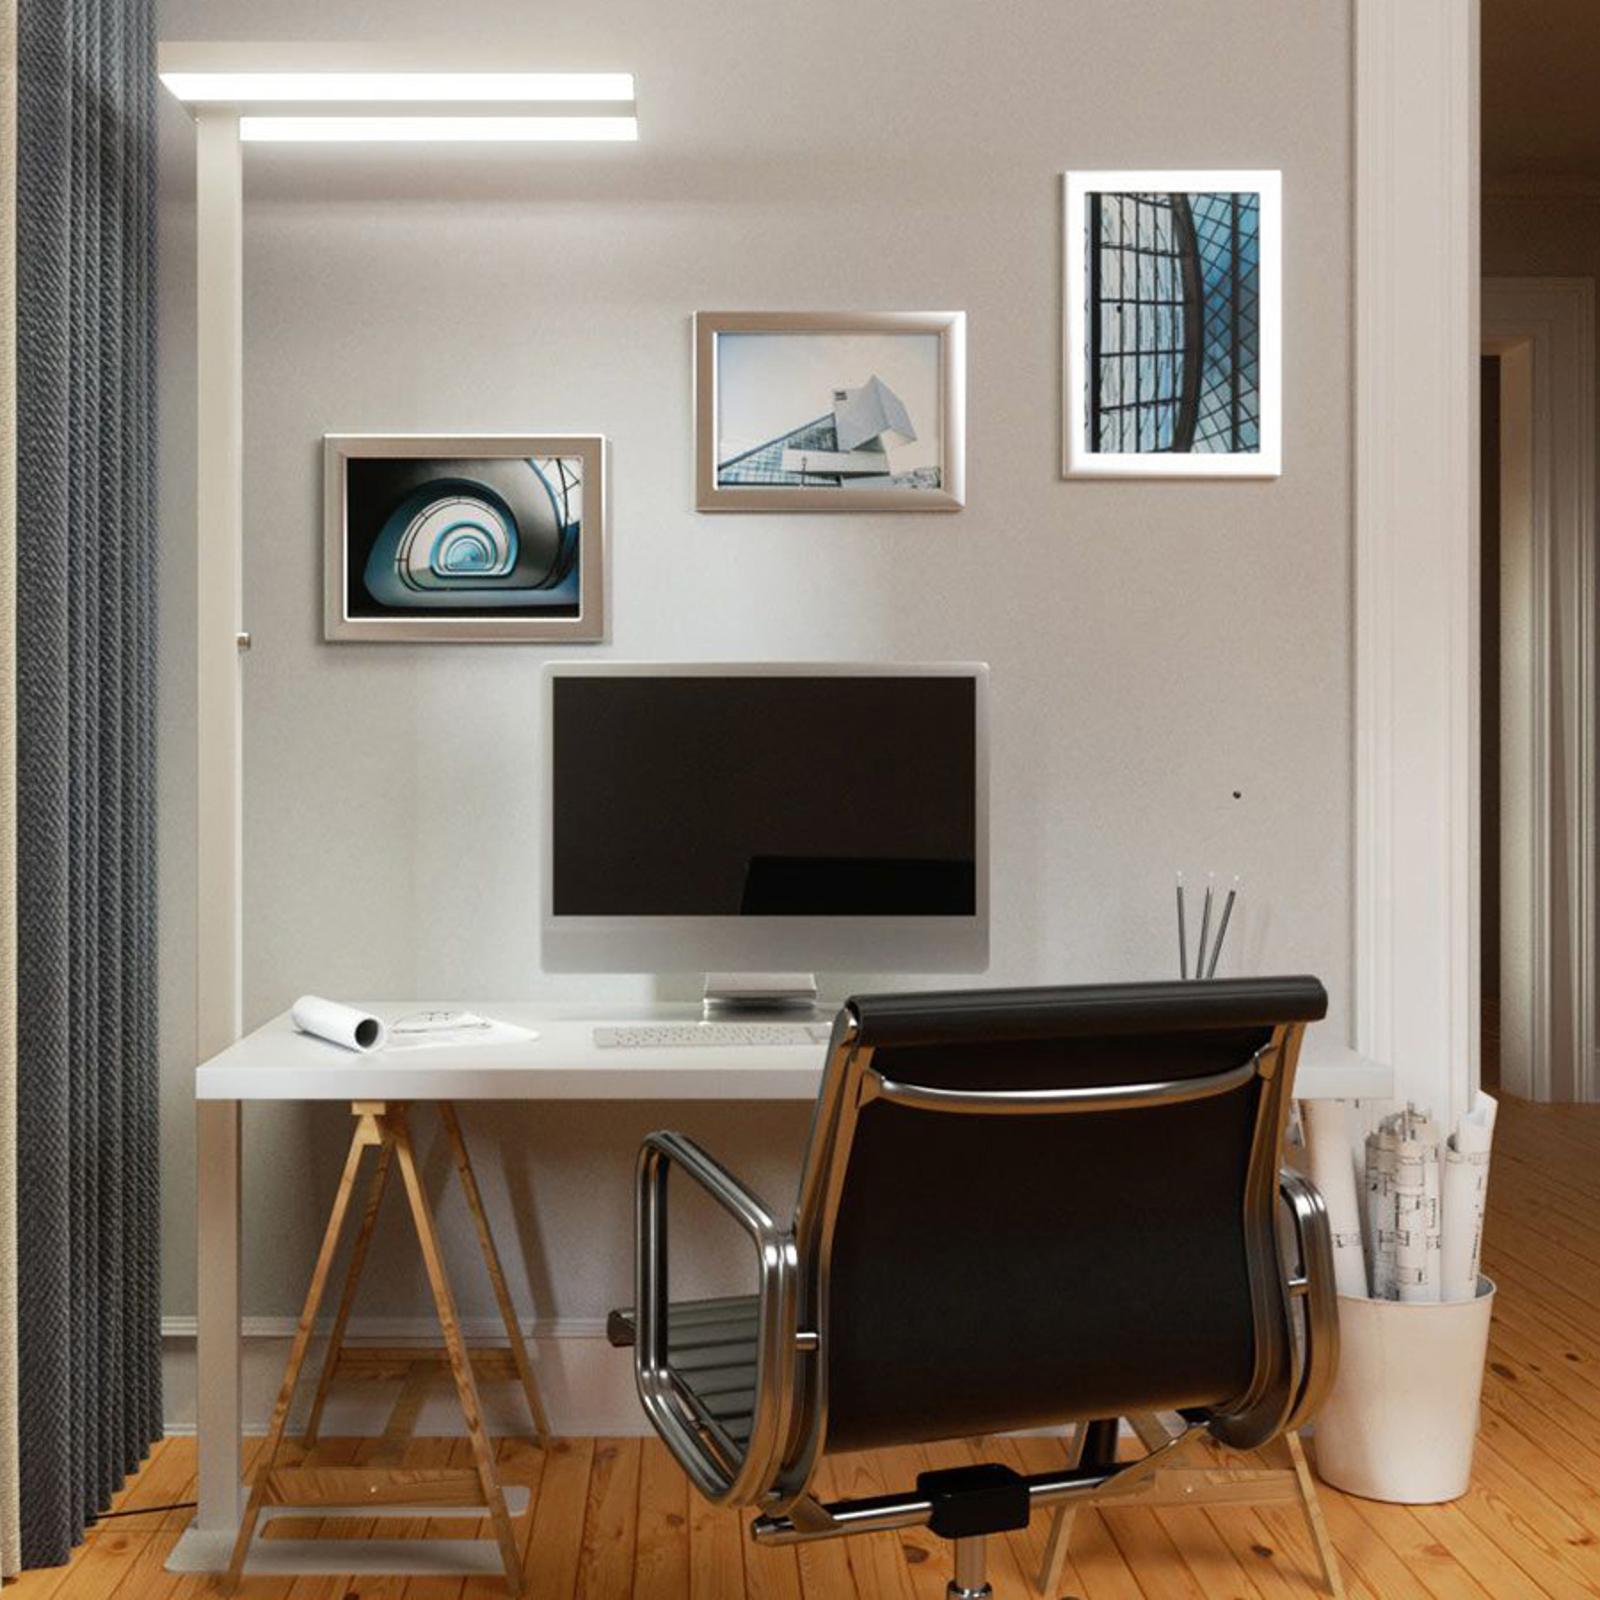 Lampa biurowa LED Logan, biała, ściemniacz, 4000K